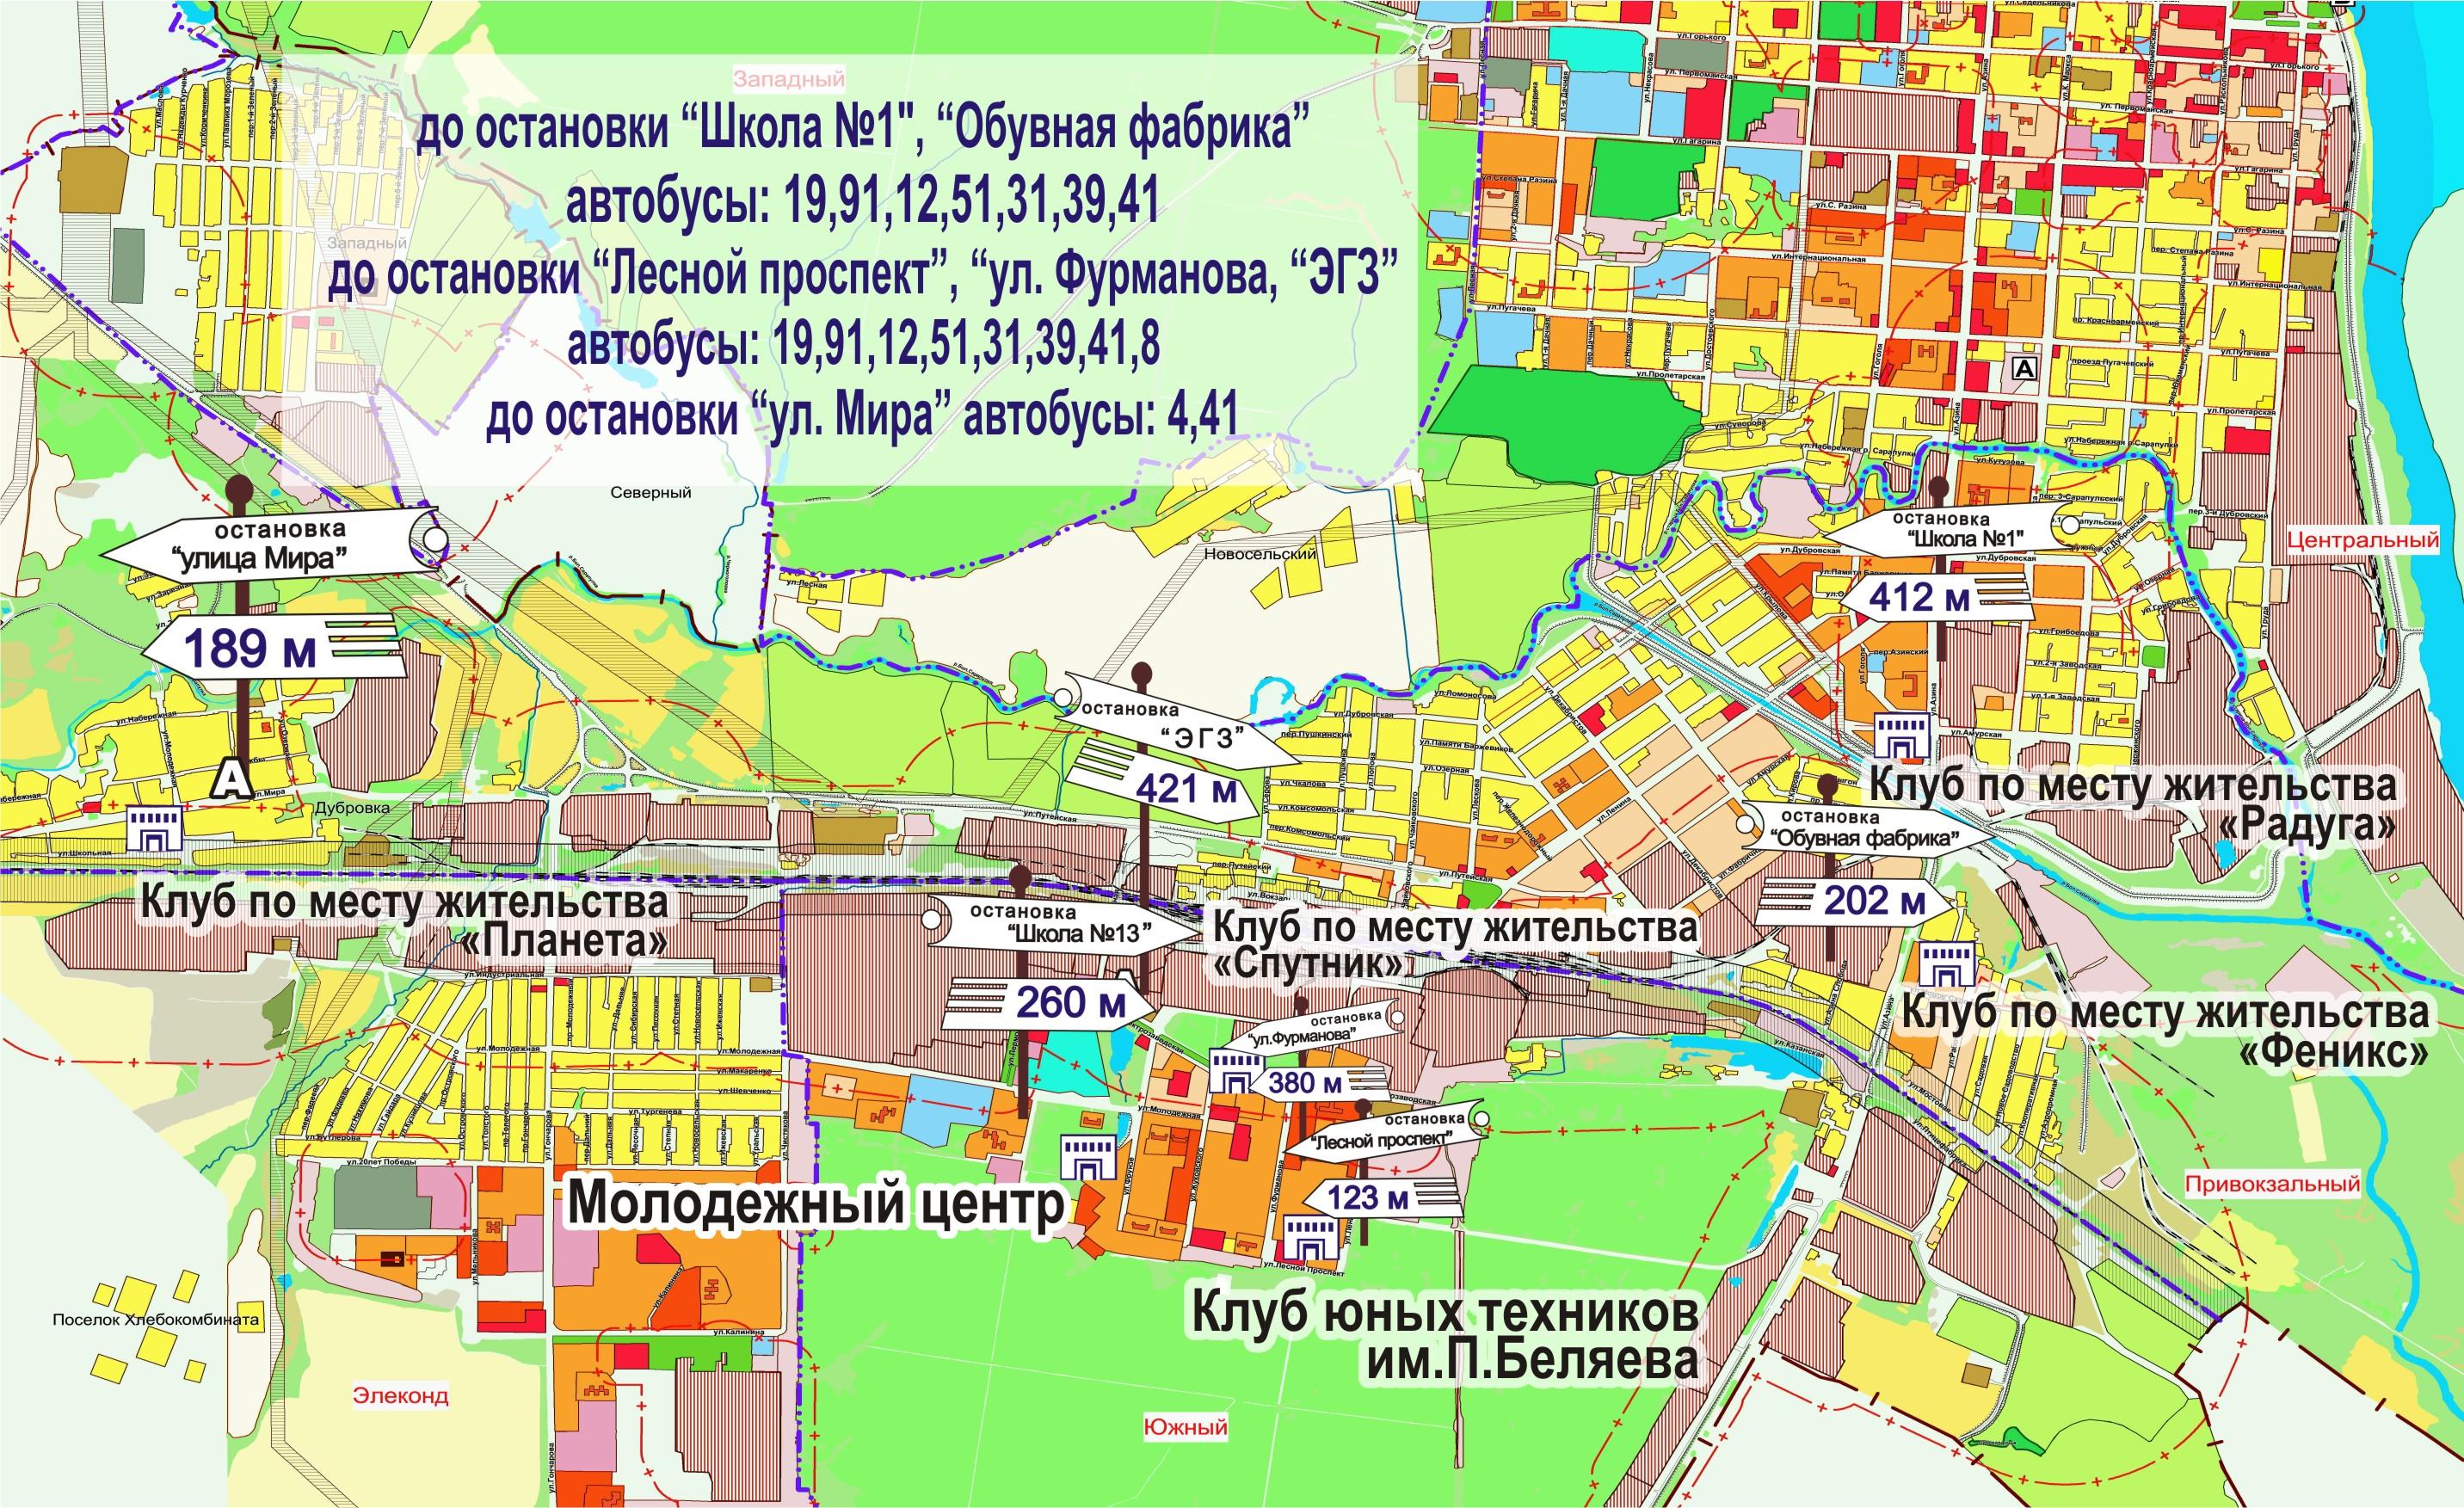 Схема расположения клубов по ме6ту жительства для молодежи в городе, расстояние от остановки до подросткового клуба.